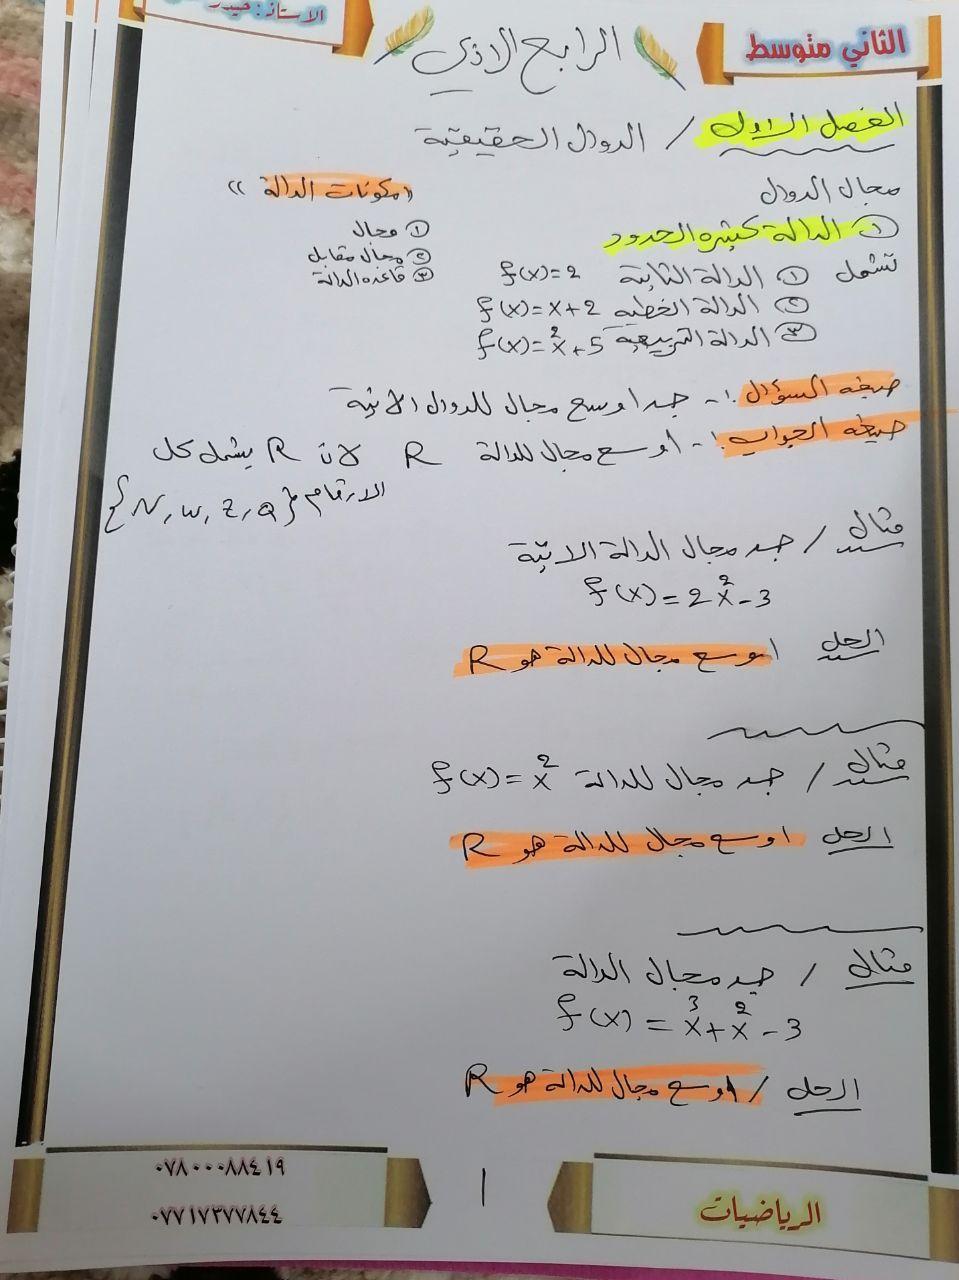 اوراق ملخص الدرس الاول رياضيات الرابع الادبي الدوال الحقيقية مع مجموعة اسئلة اهلا بكم متابعي موقع وقناة الاستاذ احمد مهدي شلال Bullet Journal Blog Posts Blog